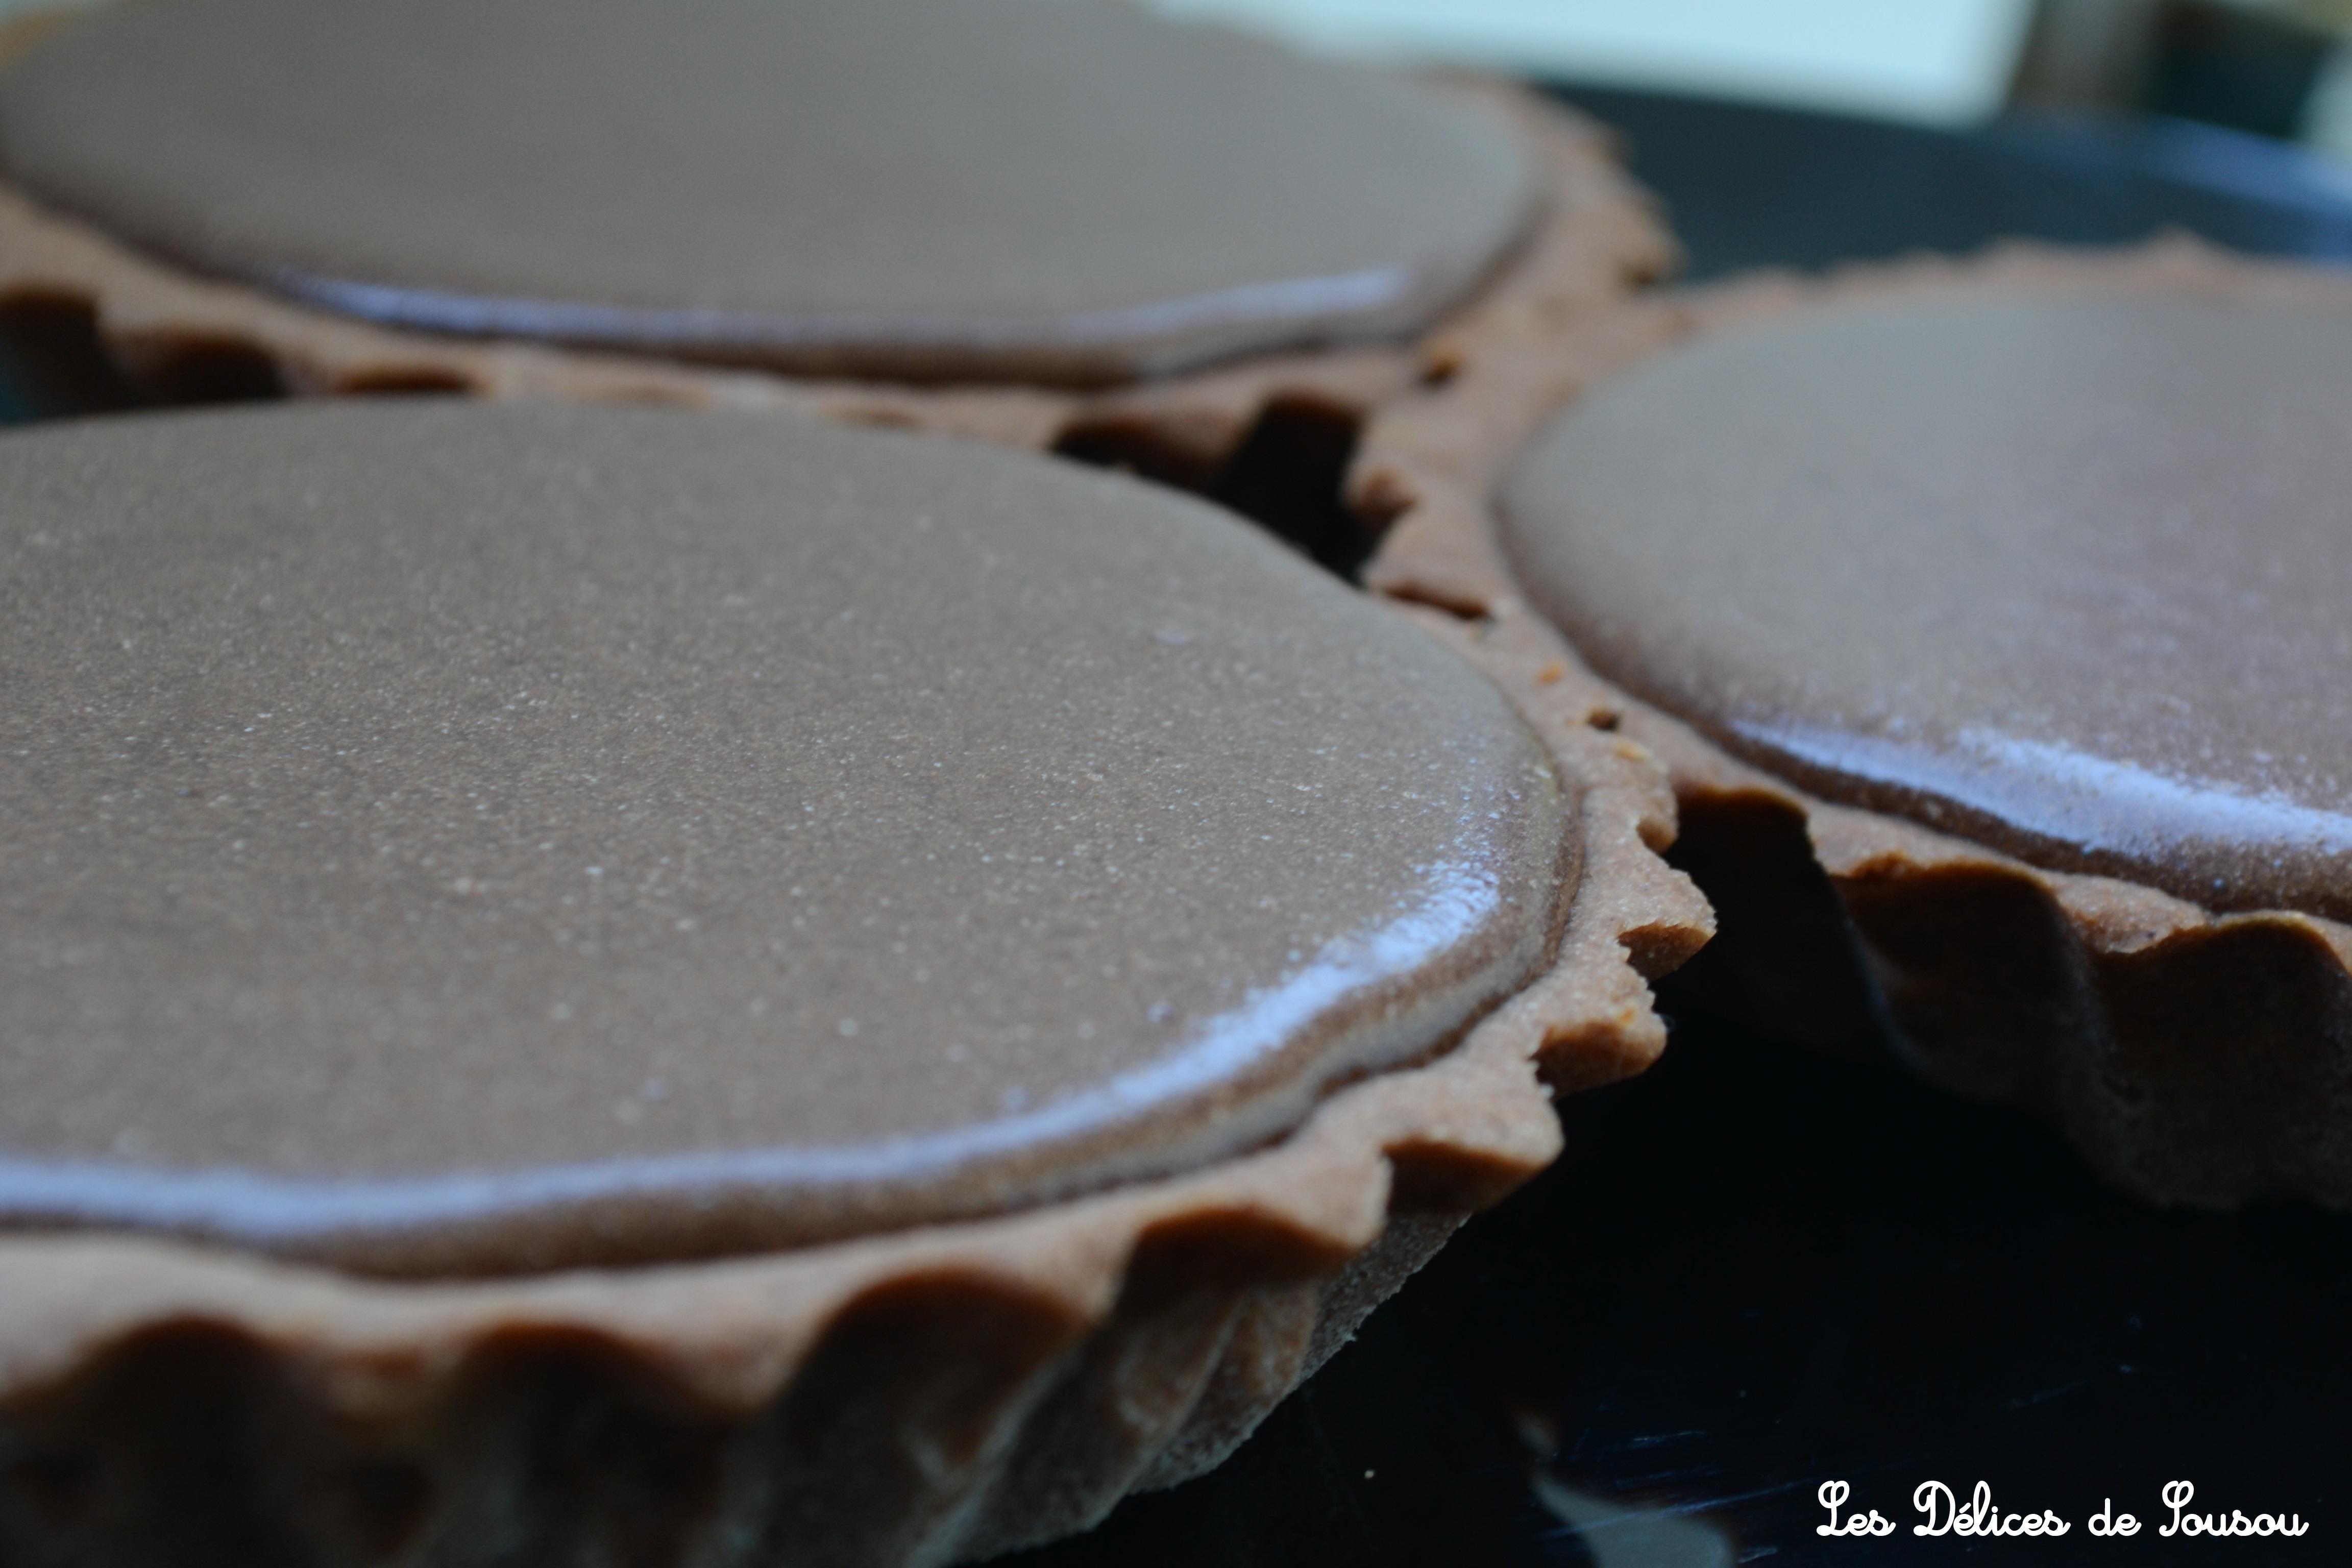 Tarte mousse au chocolat citron recette pierre herm for Mousse au chocolat pierre herme